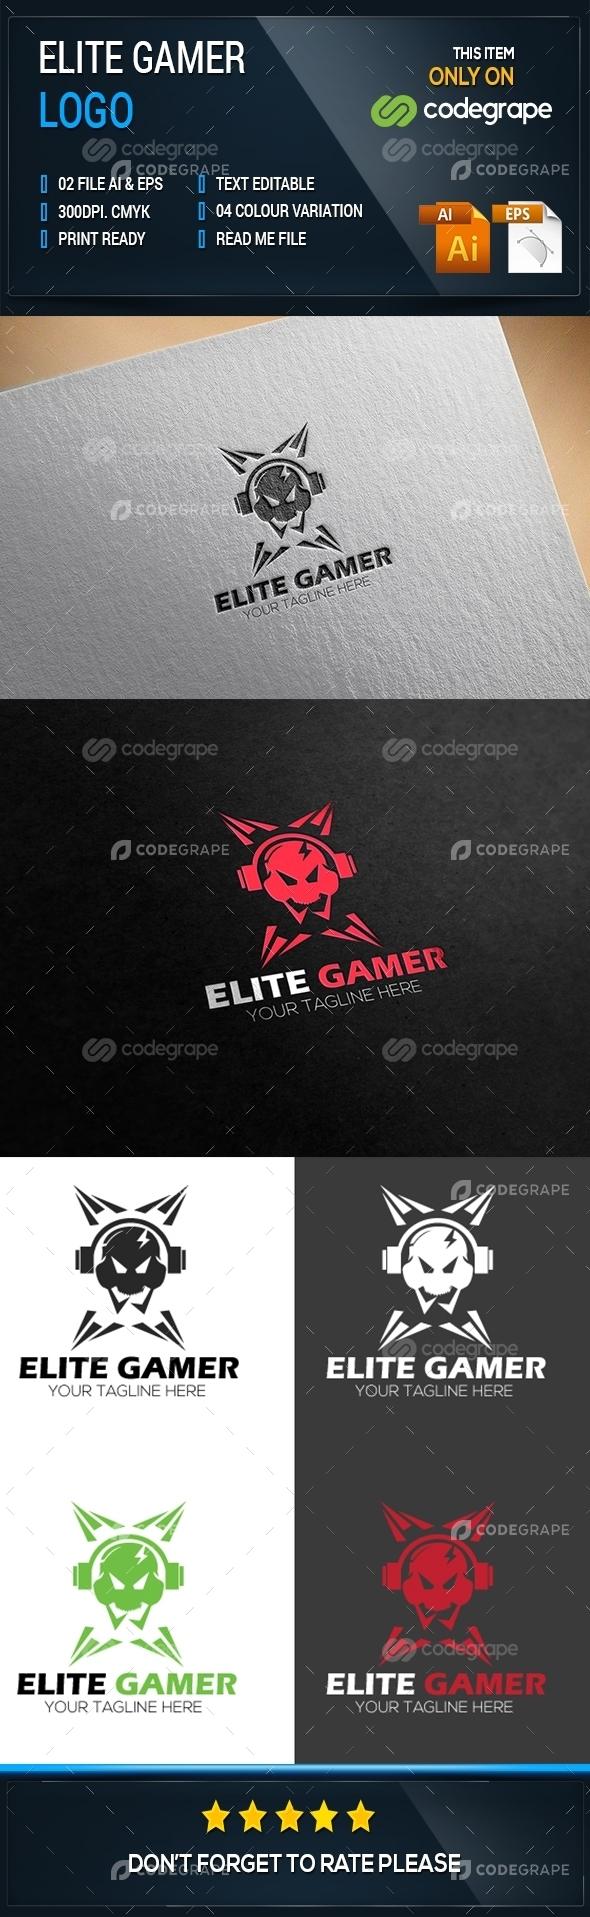 Elite Gamer logo